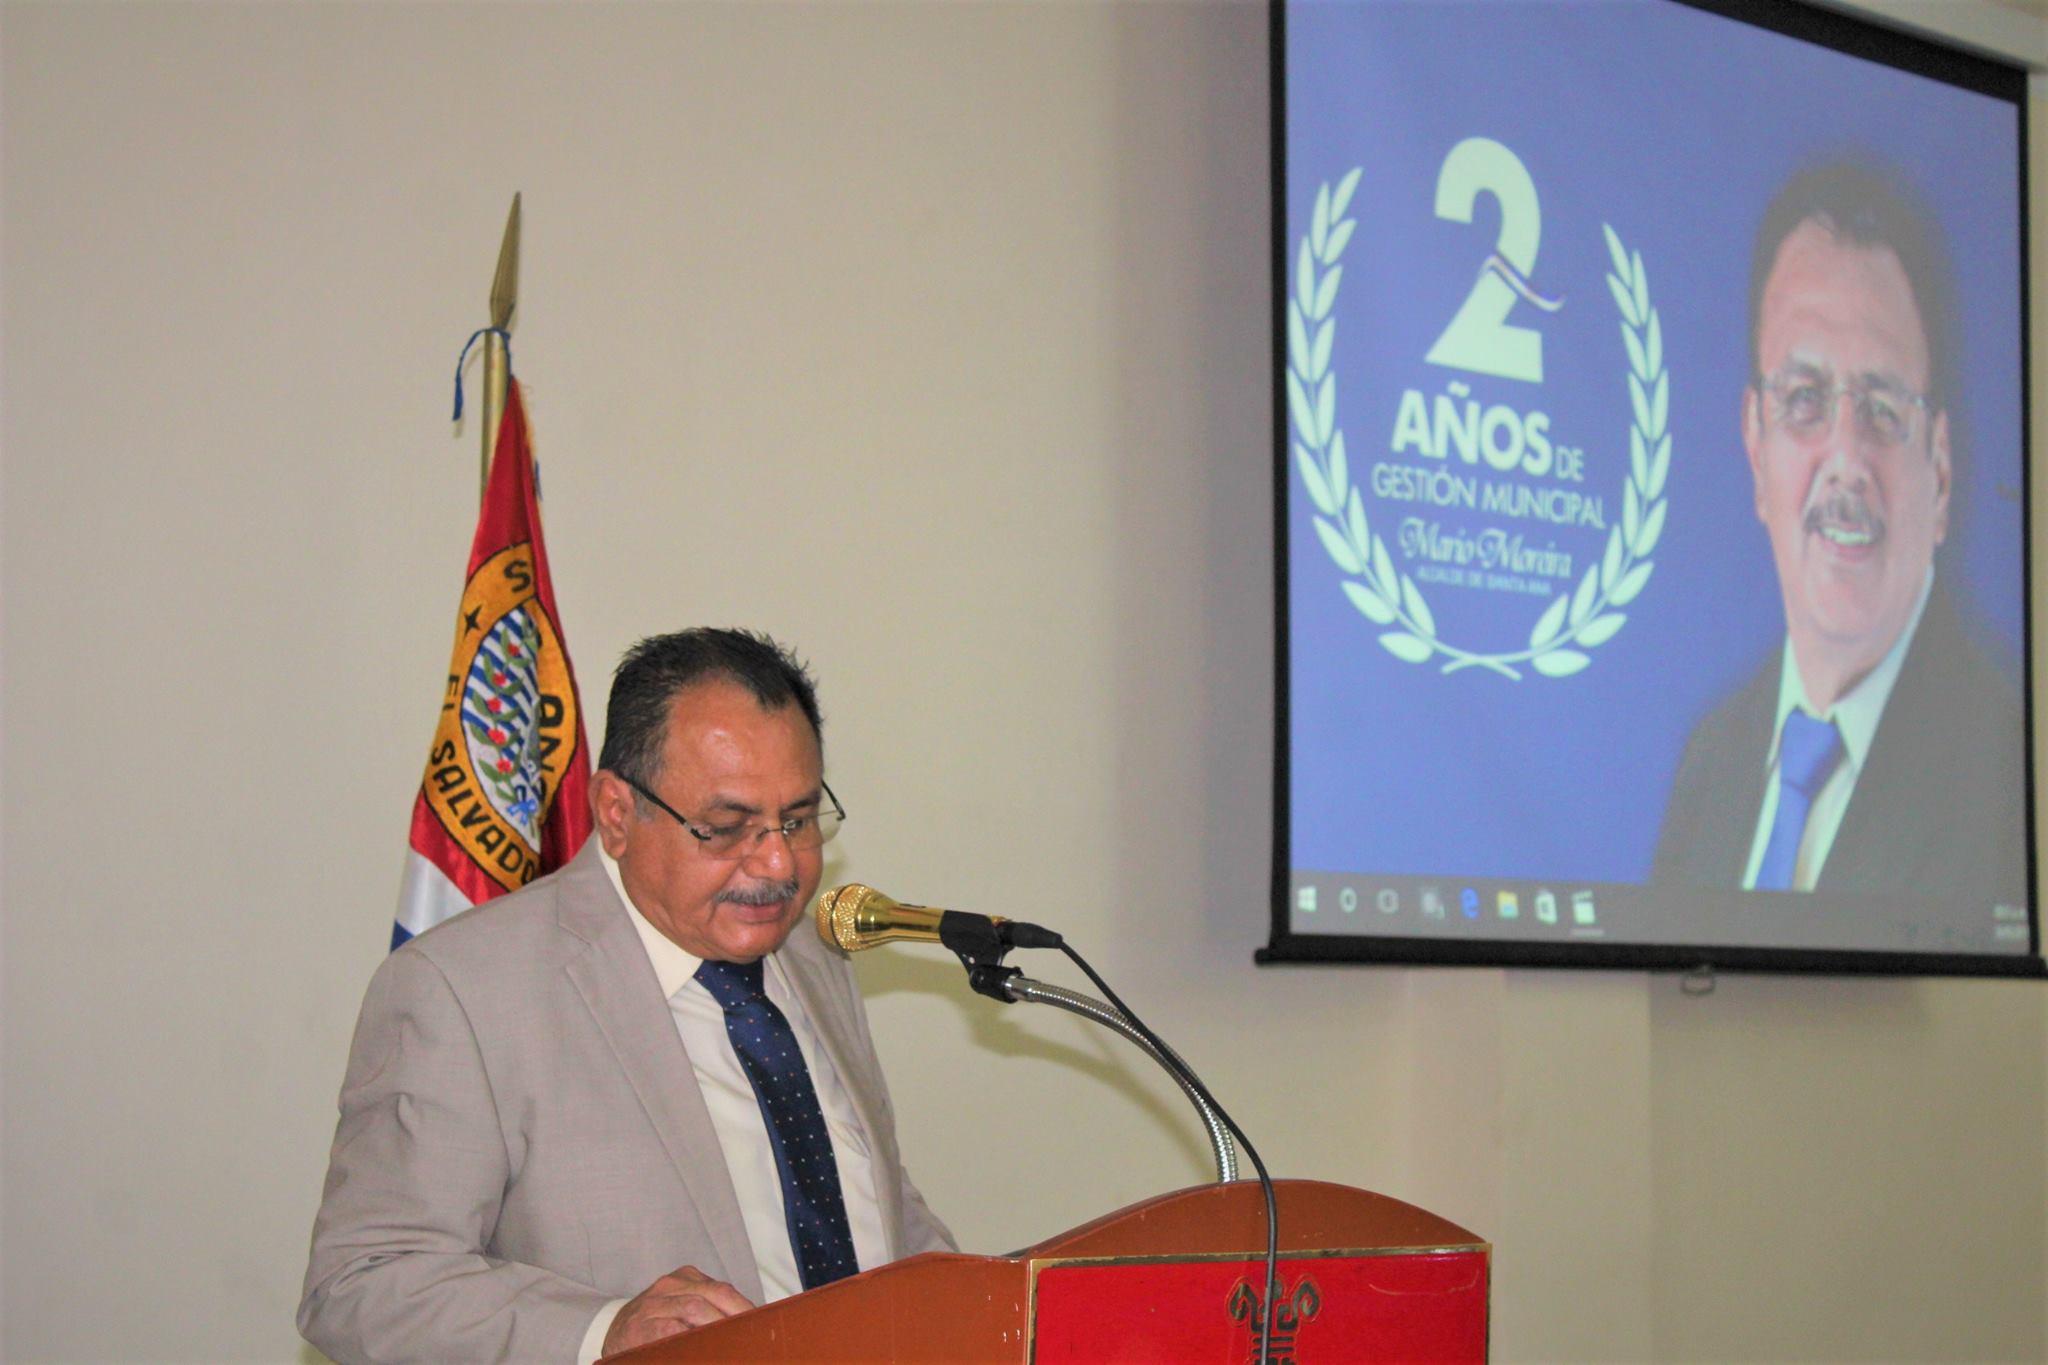 Presentan informe de rendición de cuentas en el segundo año de gestión municipal